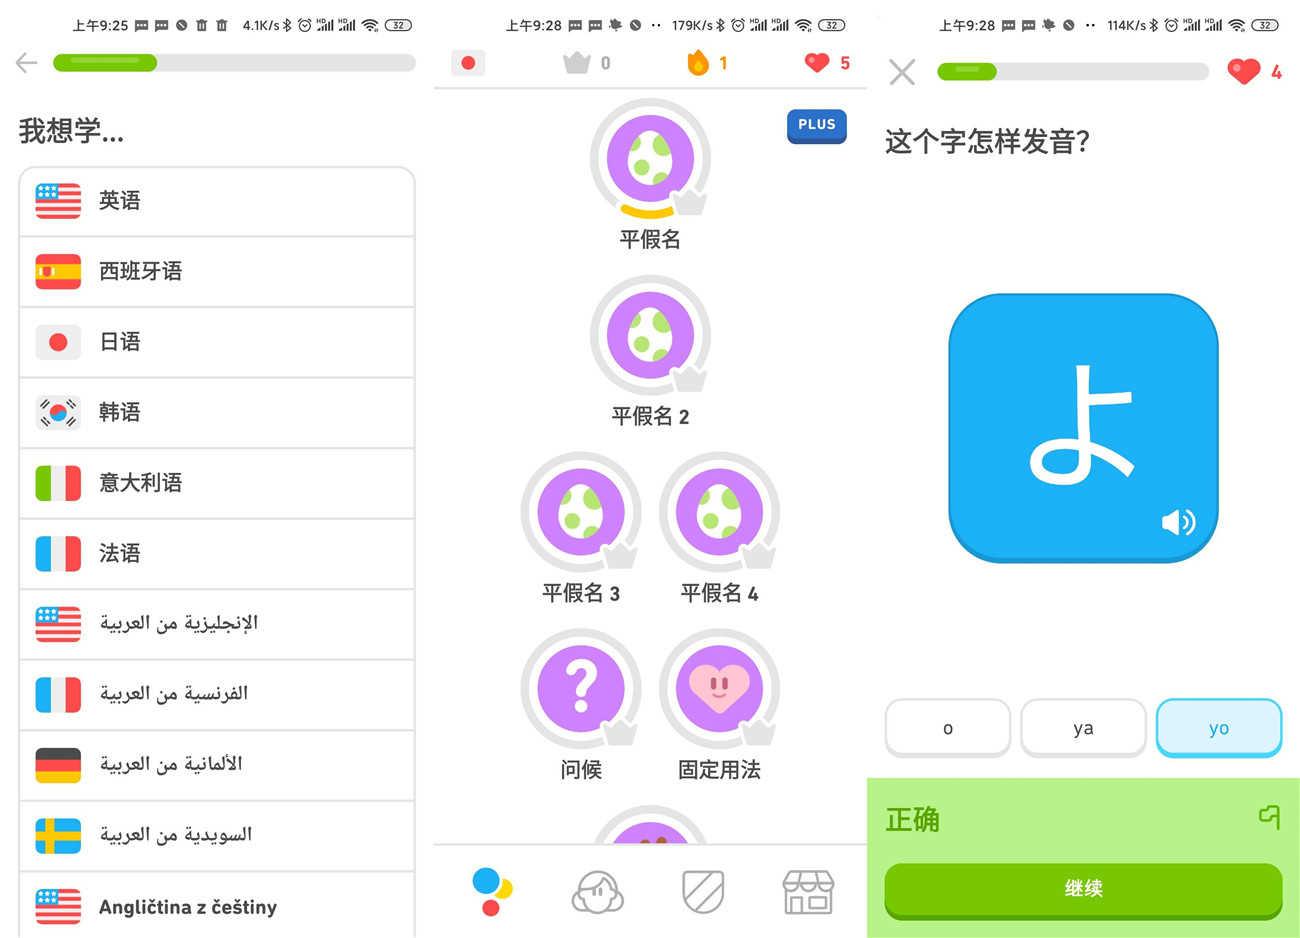 安卓多邻国语言学习专业版v4.58.2